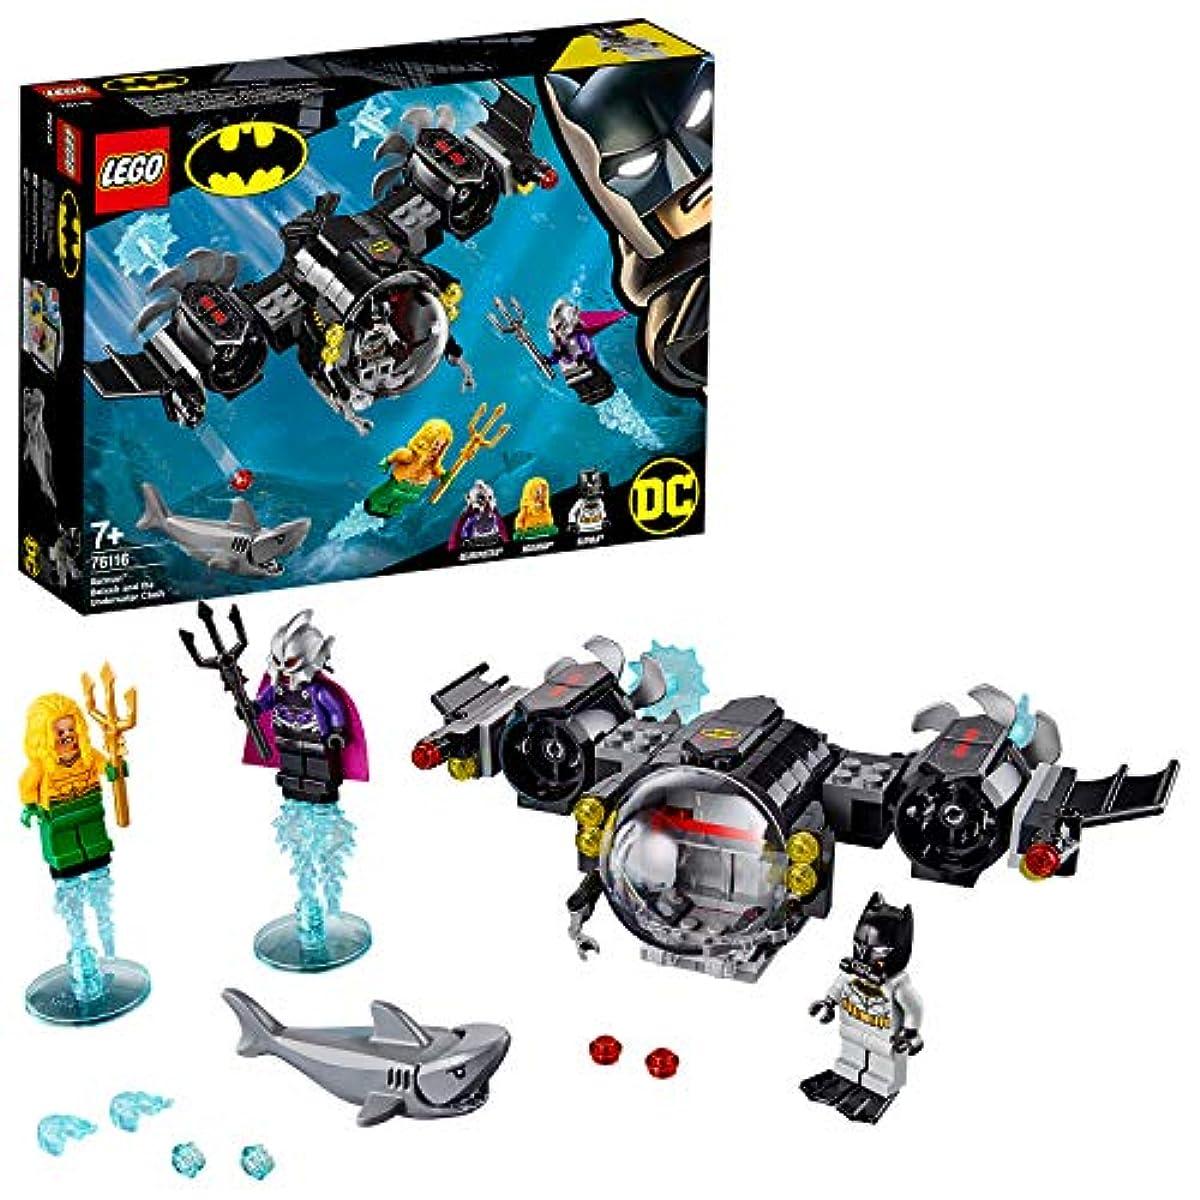 [해외] 레고(LEGO) 슈퍼히어로즈 배트맨(TM) 배트 서브의 수중 배틀 76116 블럭 장난감 사내 아이